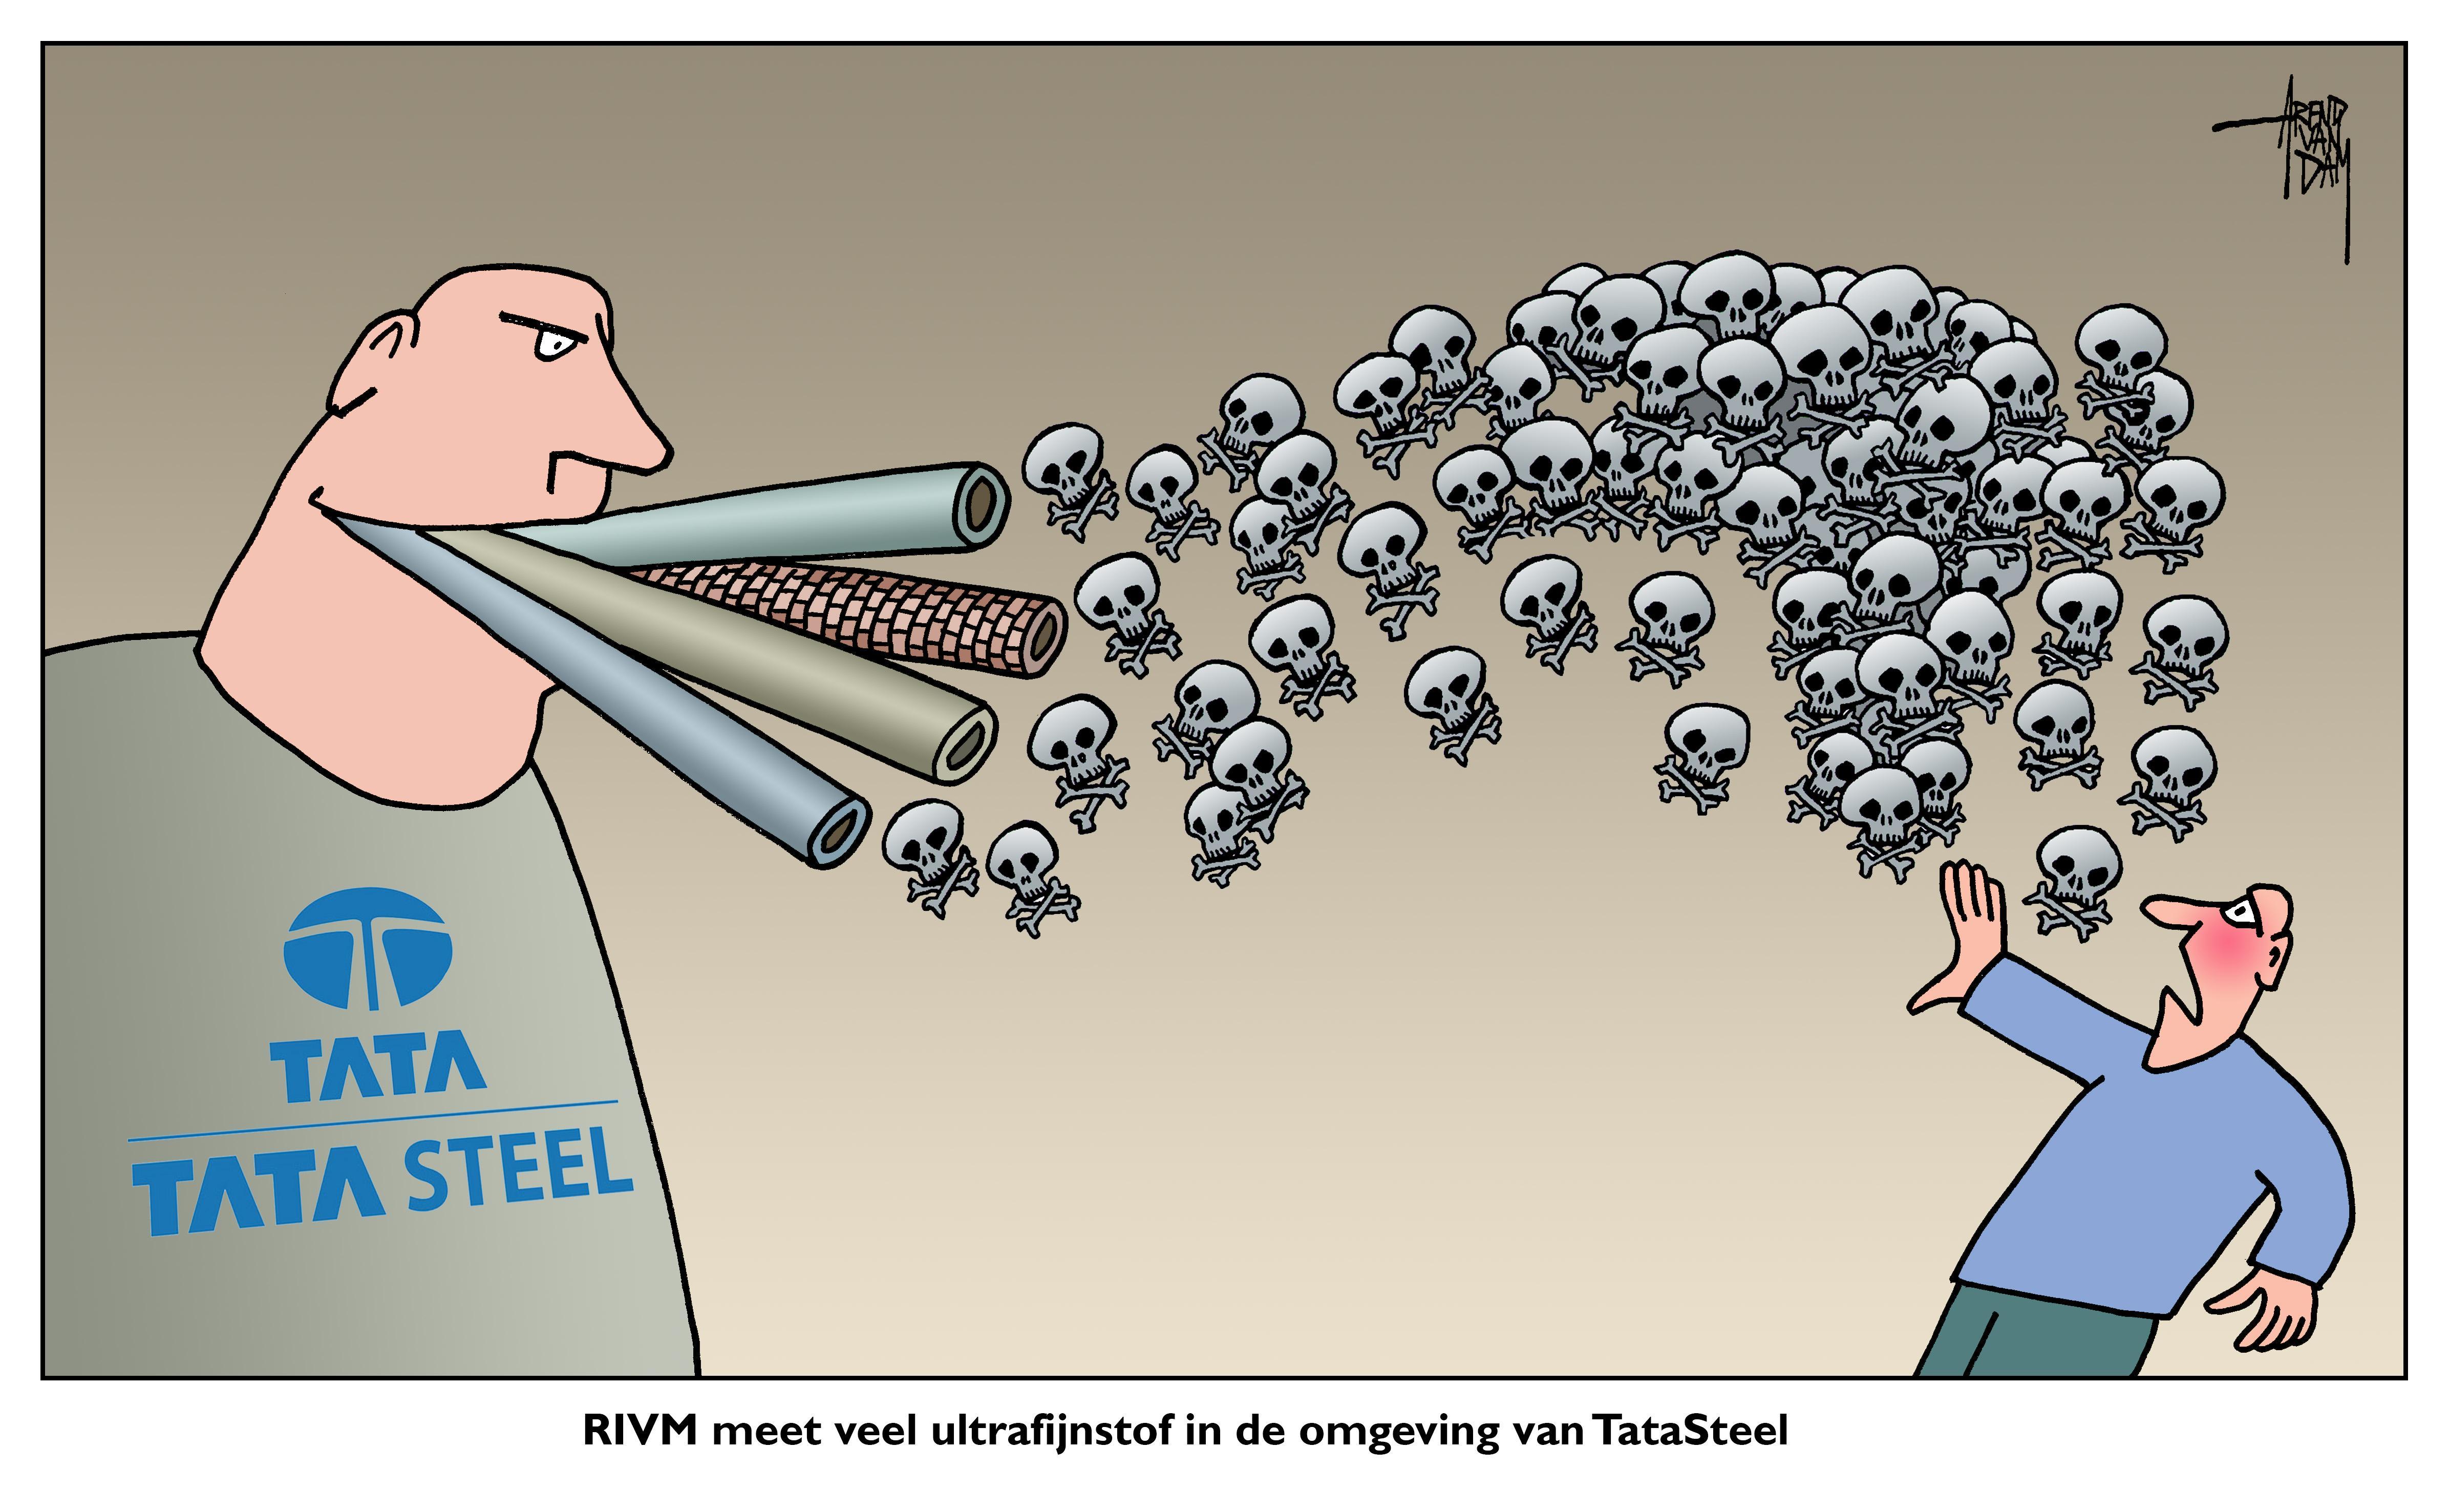 Palermo aan de IJmond? Topadvocaat Ficq en SP-Kamerlid Leijten verbijsterd over schrappen naam Tata Steel uit GGD-rapport: 'Buitengewoon verontrustend'